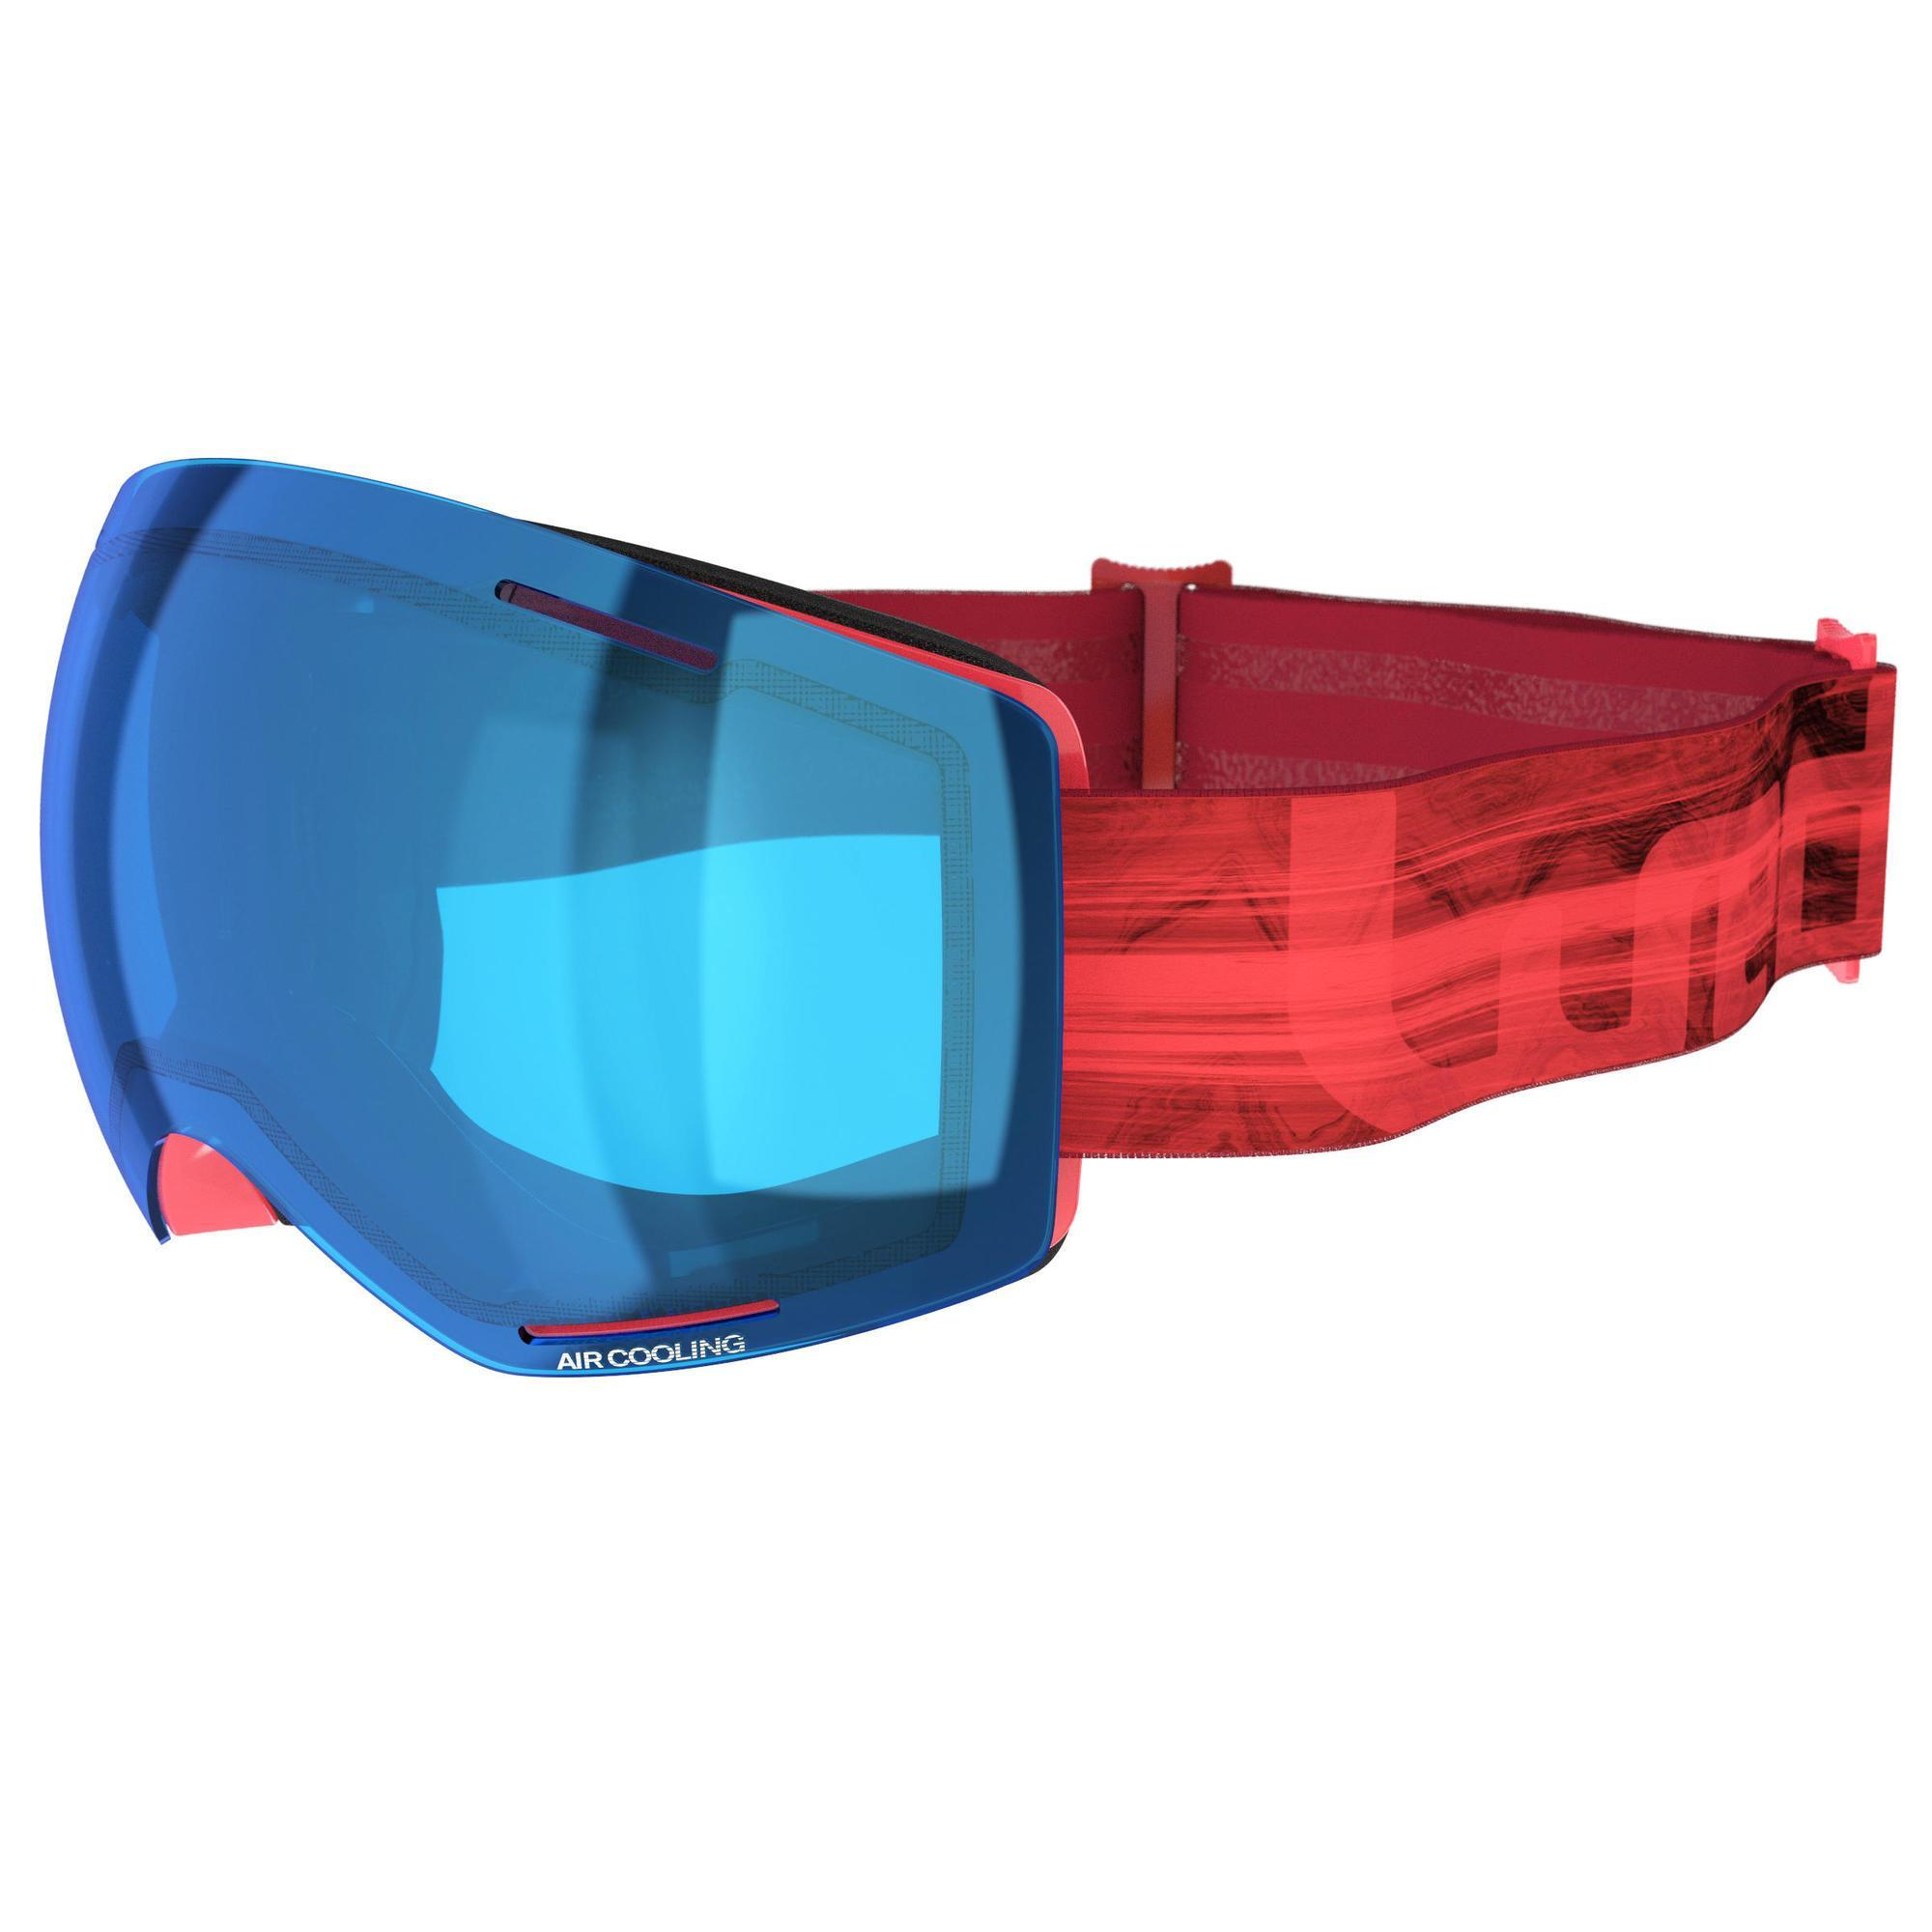 f43625e4da Comprar Gafas y Máscaras de Snowboard Online   Decathlon